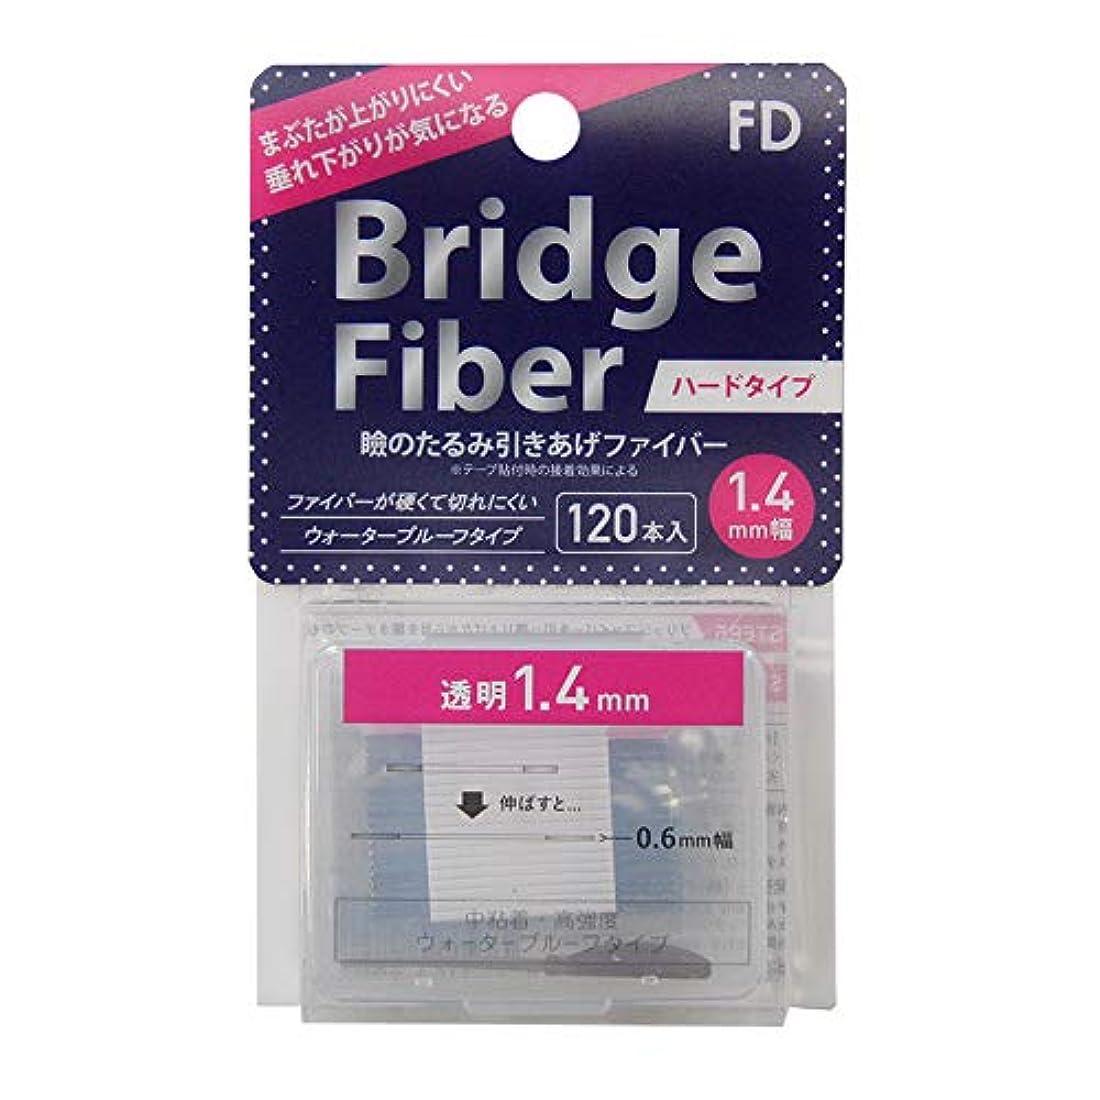 一流直立劇場FD ブリッジハードファイバー 眼瞼下垂防止テープ ハードタイプ 透明1.4mm幅 120本入り